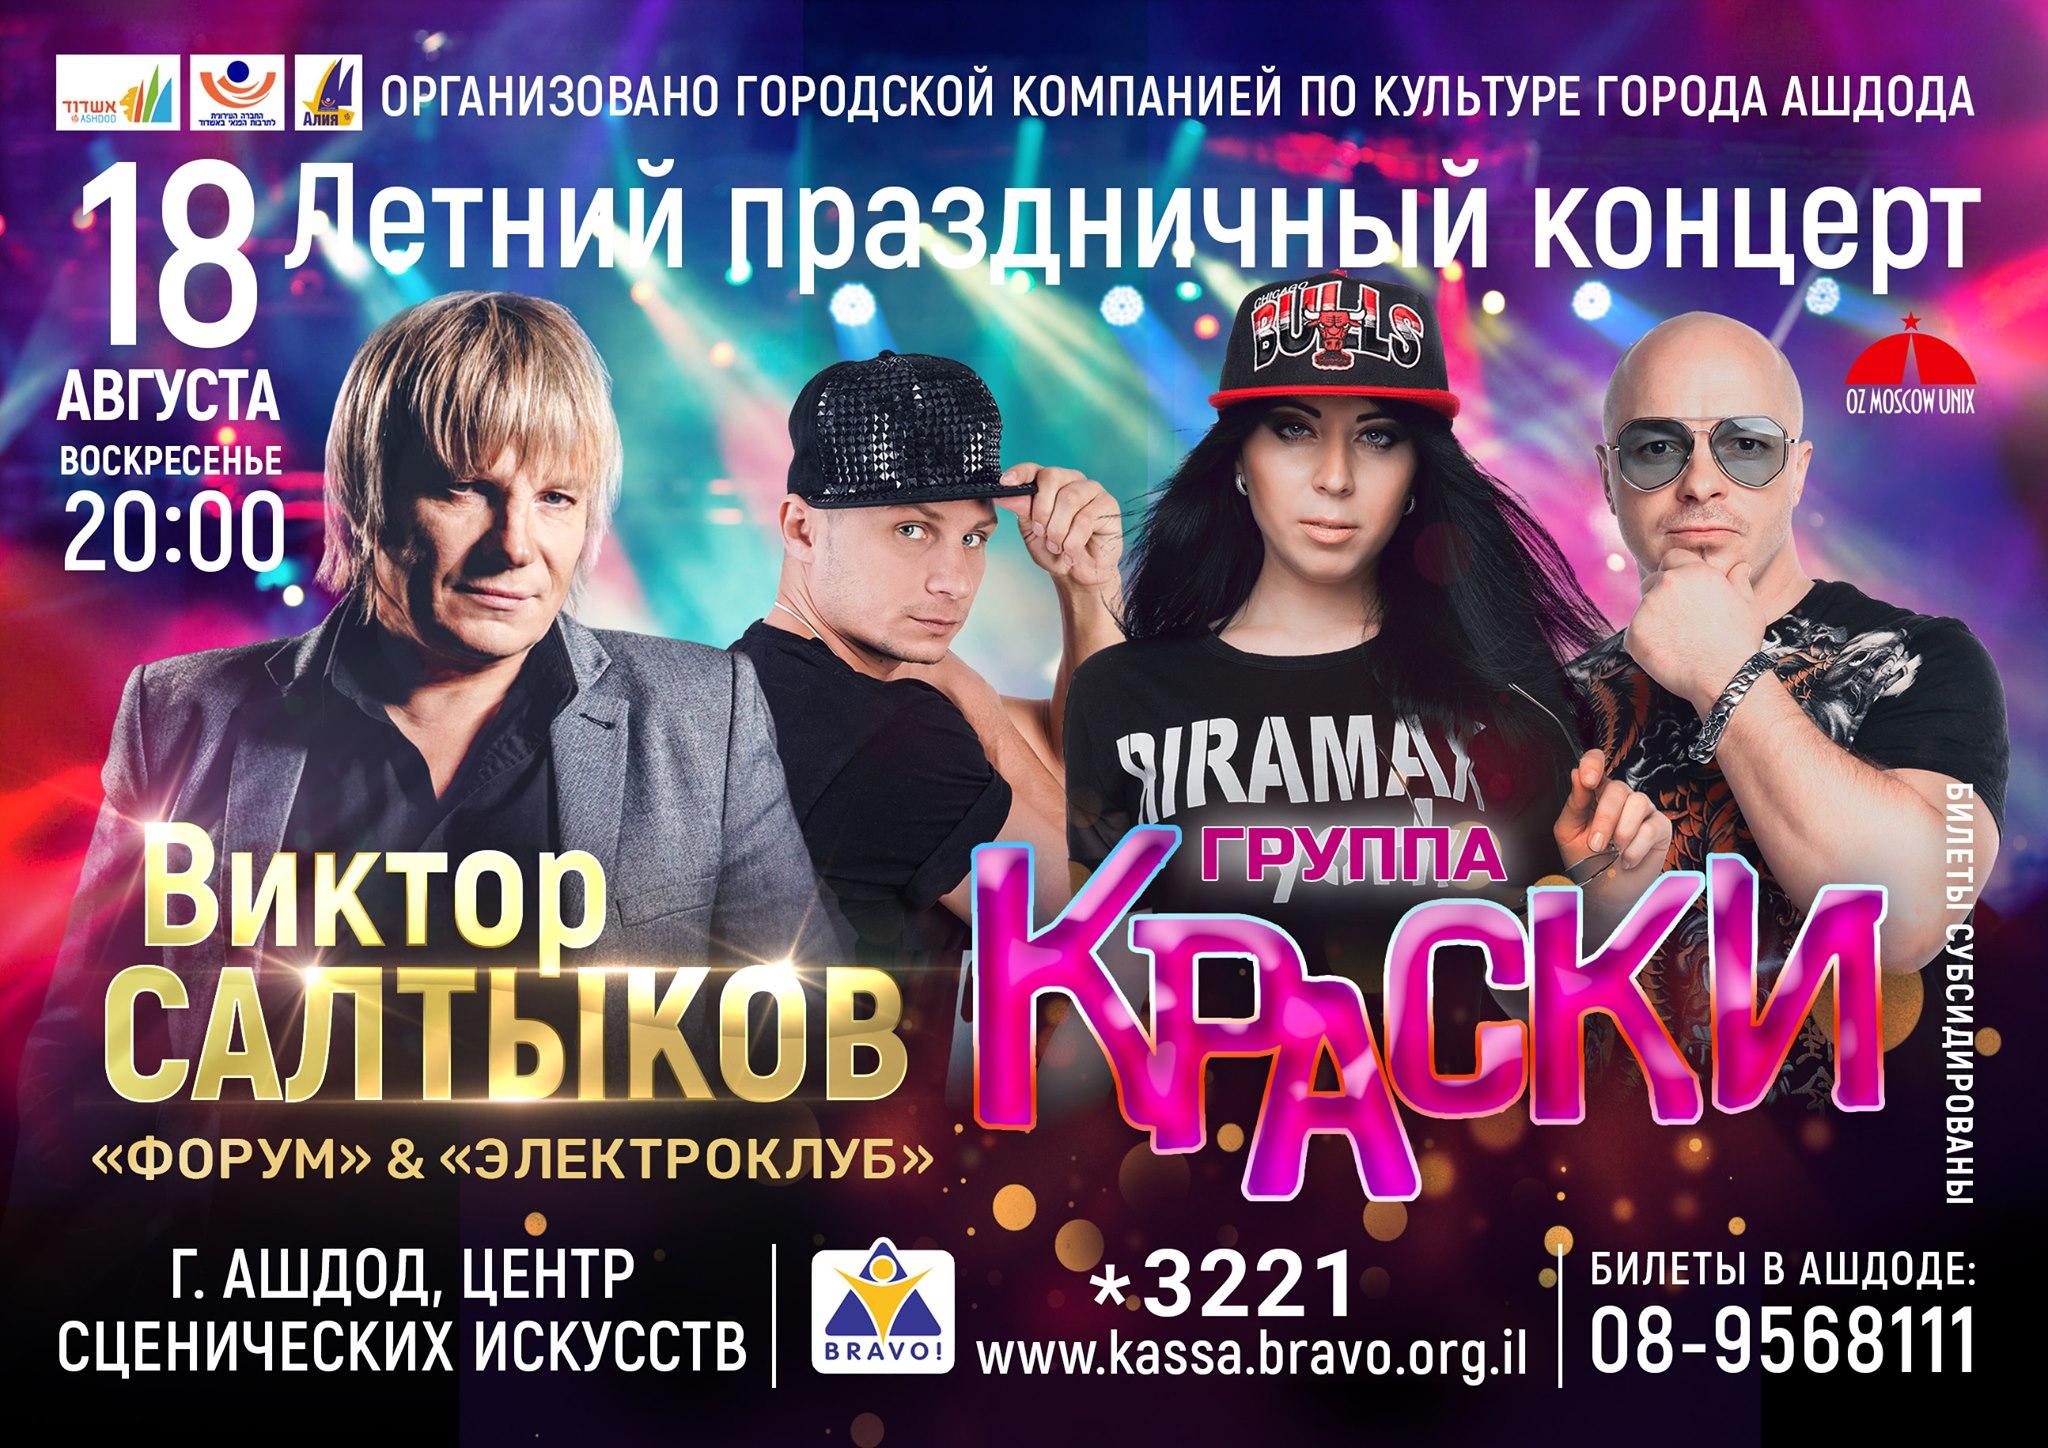 """Праздничный летний концерт — группа """"Краски"""" и Виктор Салтыков"""